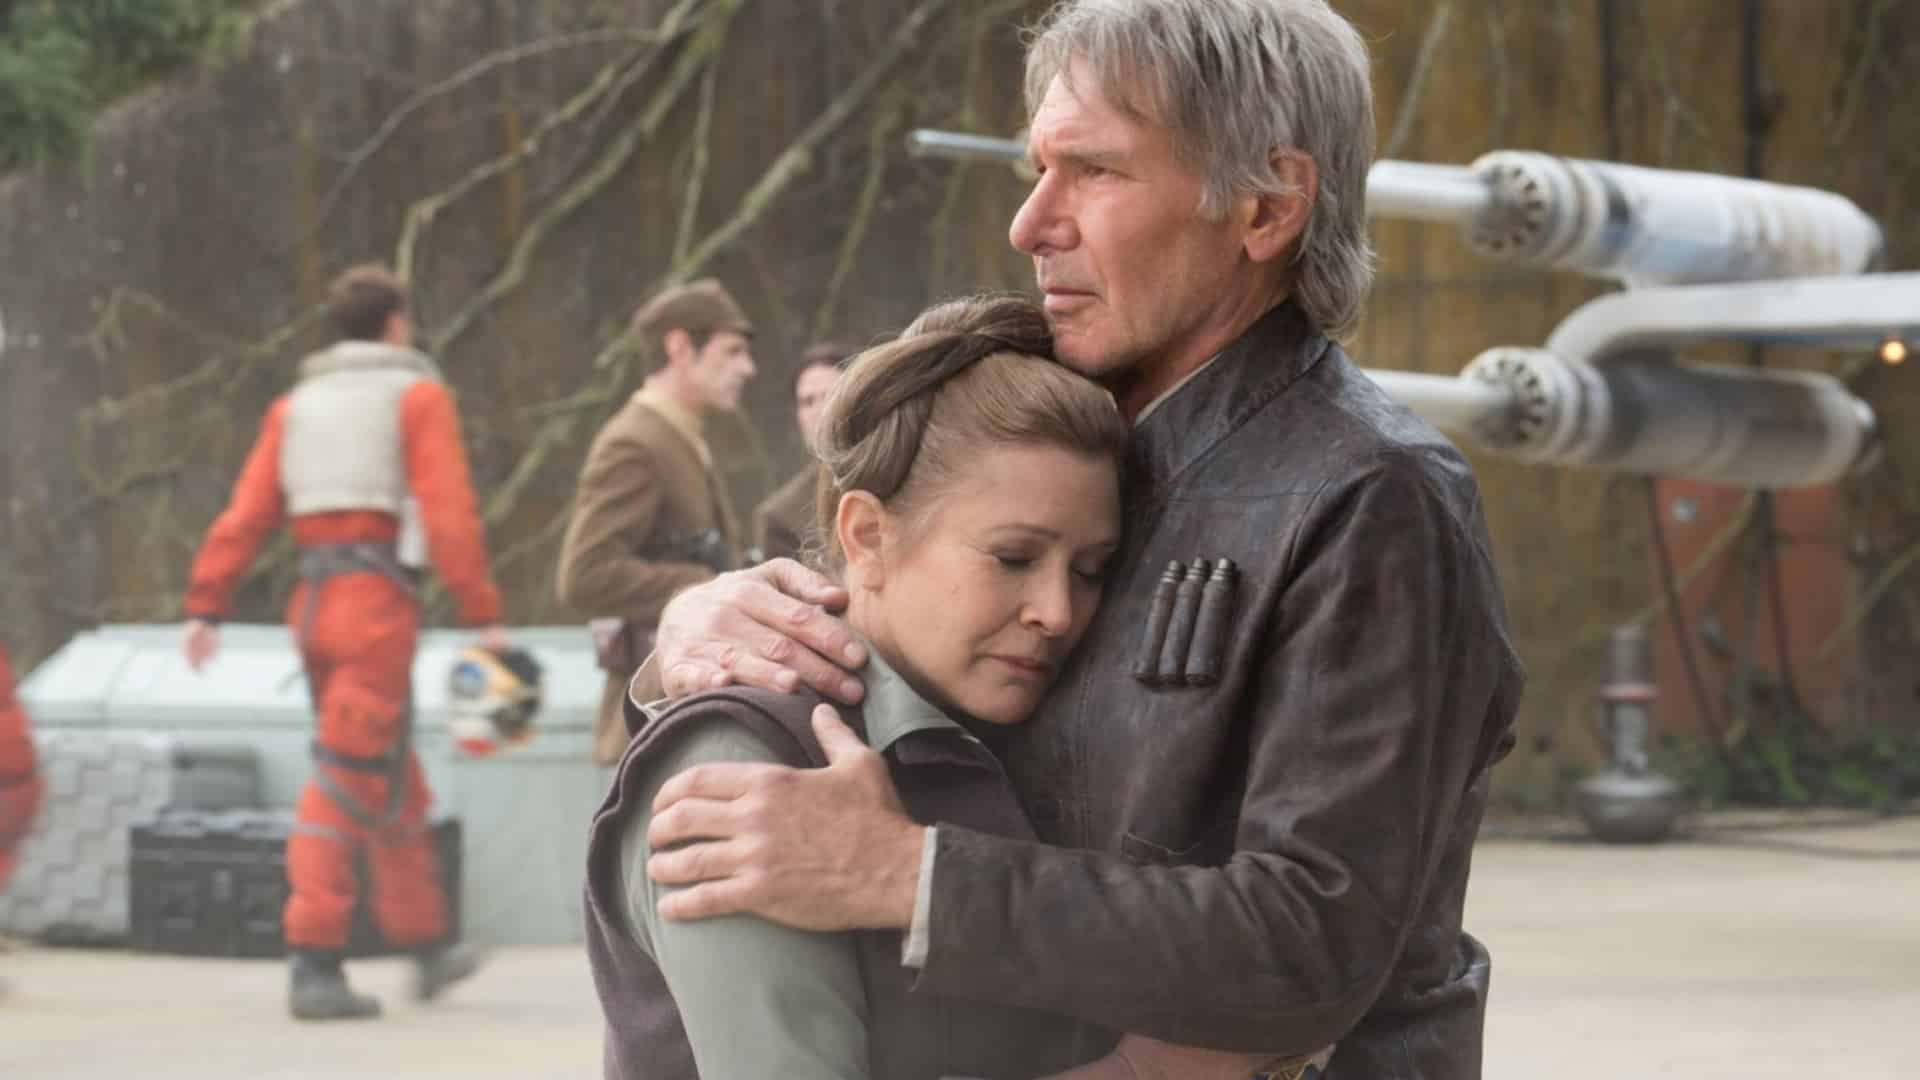 Leia sa vráti pomocou nepoužitých scén z filmu Star Wars: The Force Awakens